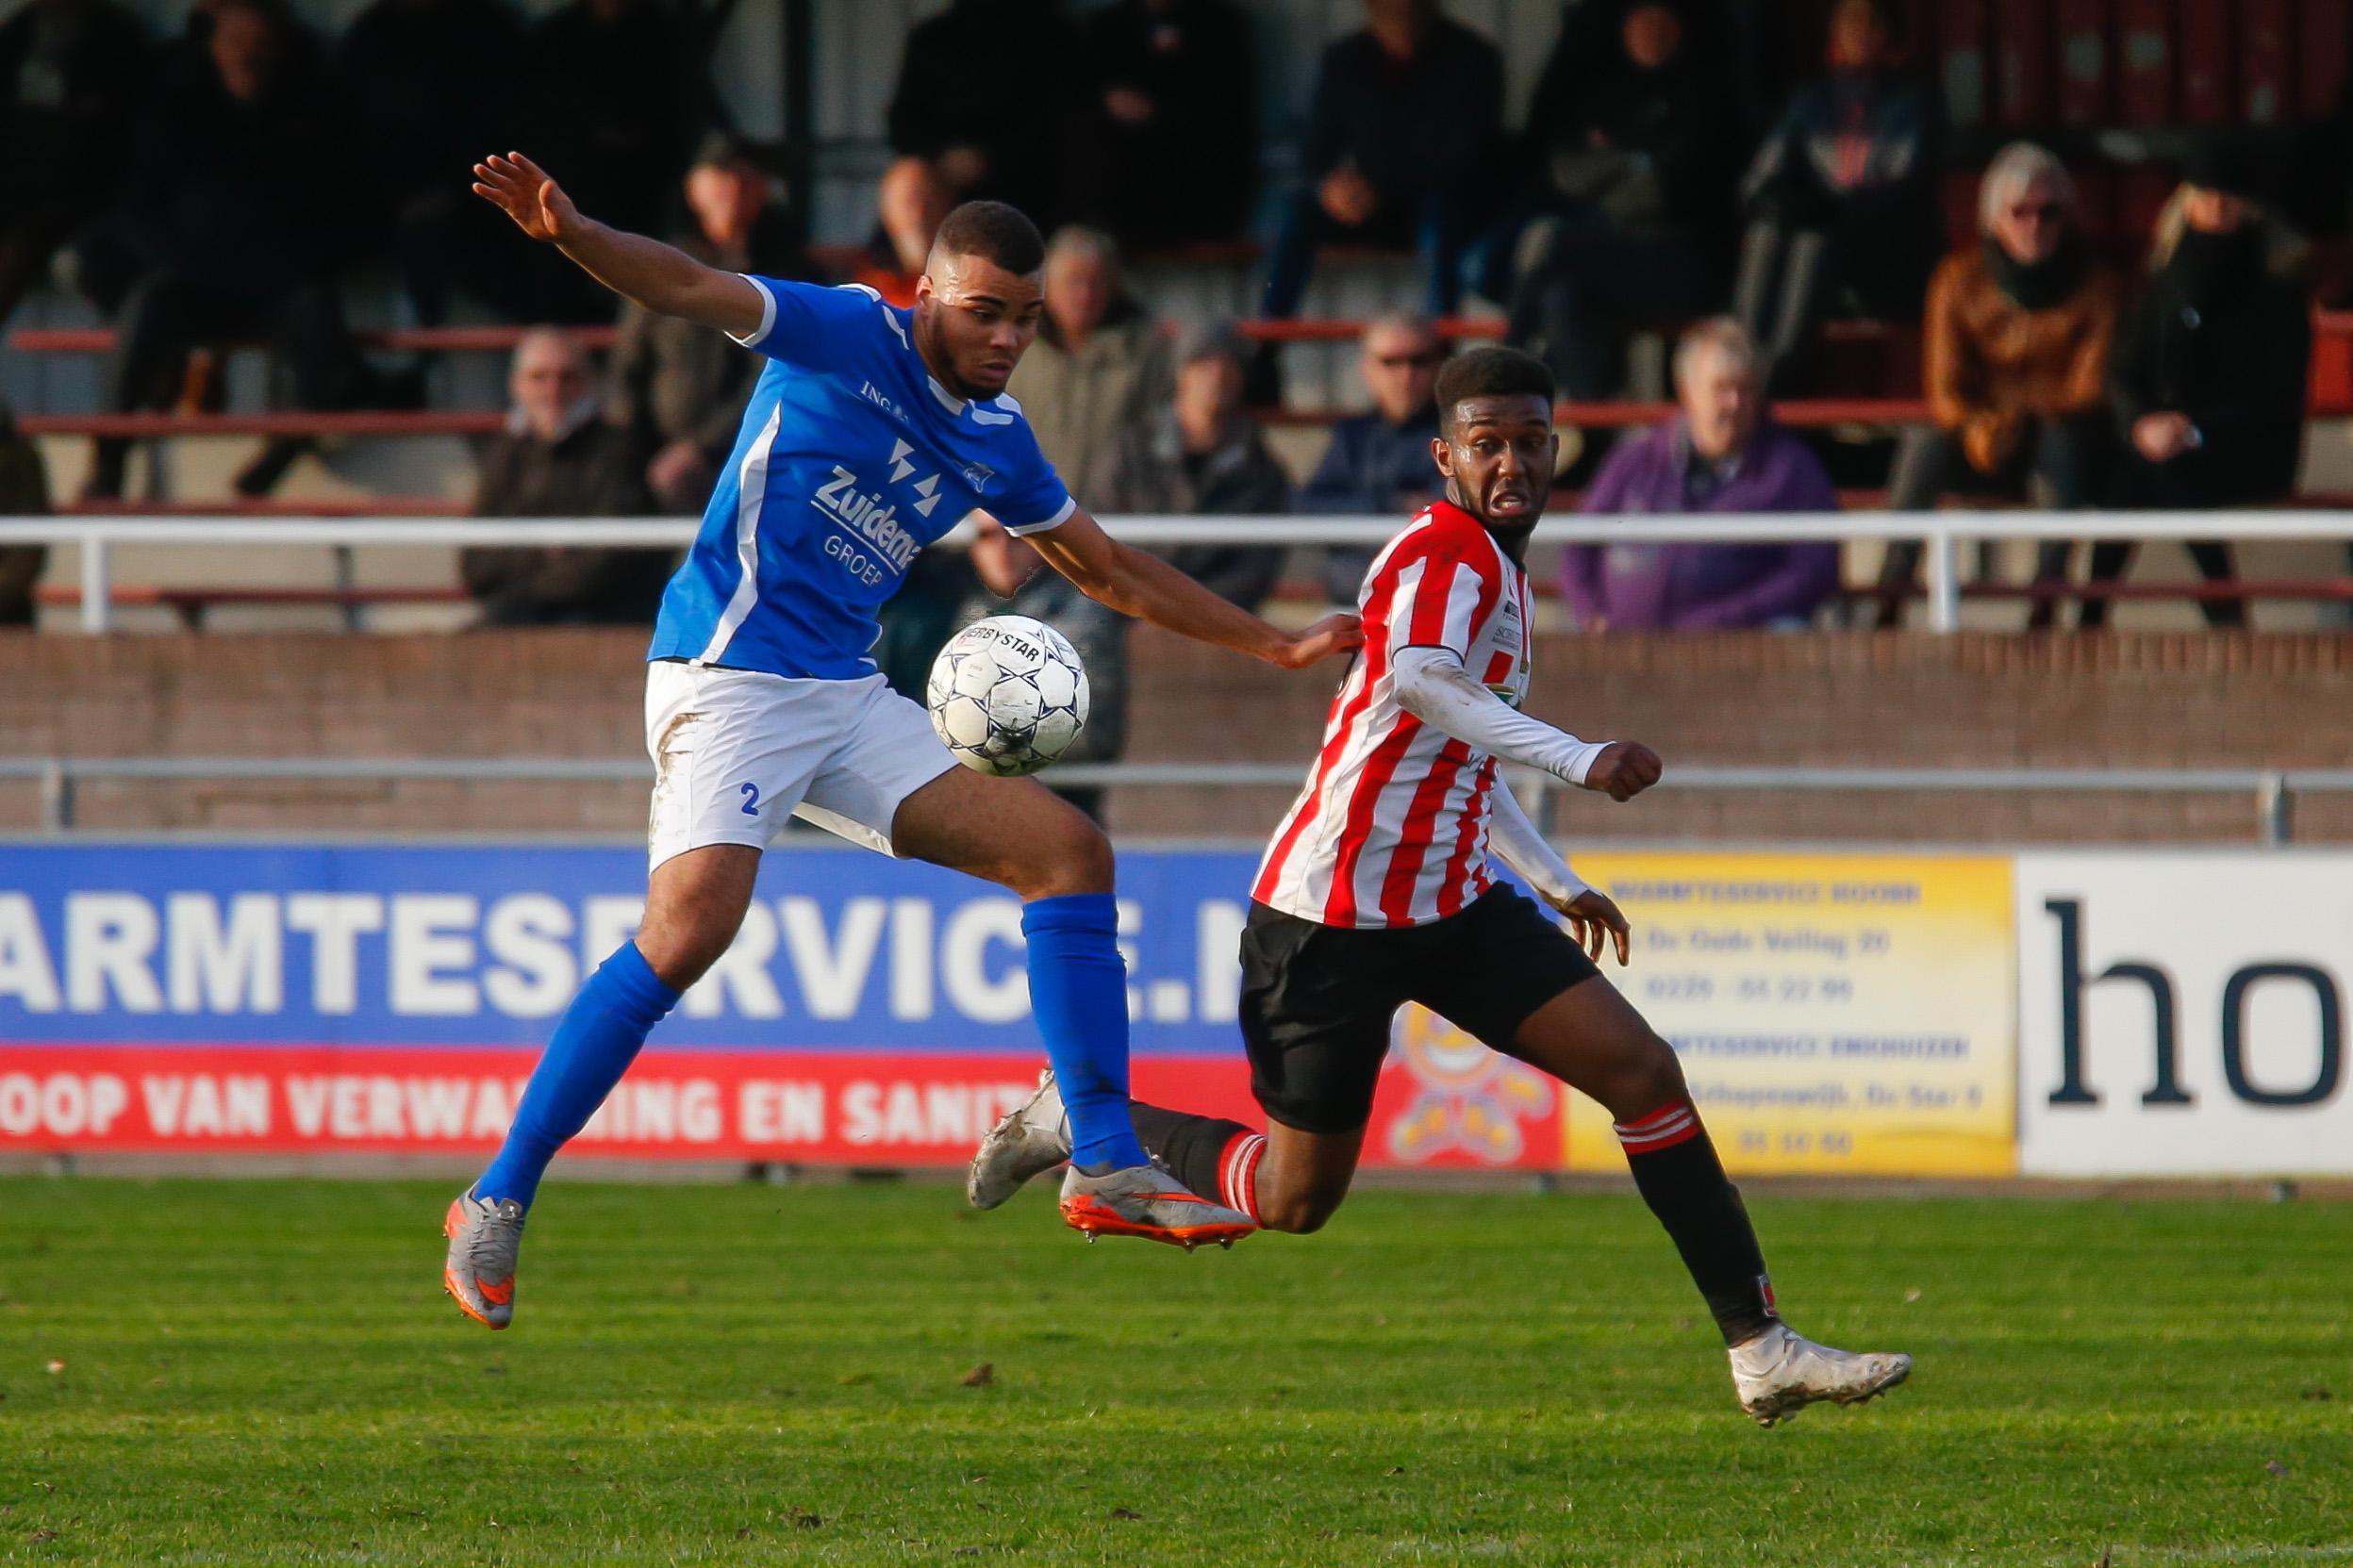 Hollandia ziet clubtopscorer Mukhtar Suleiman vertrekken naar OFC